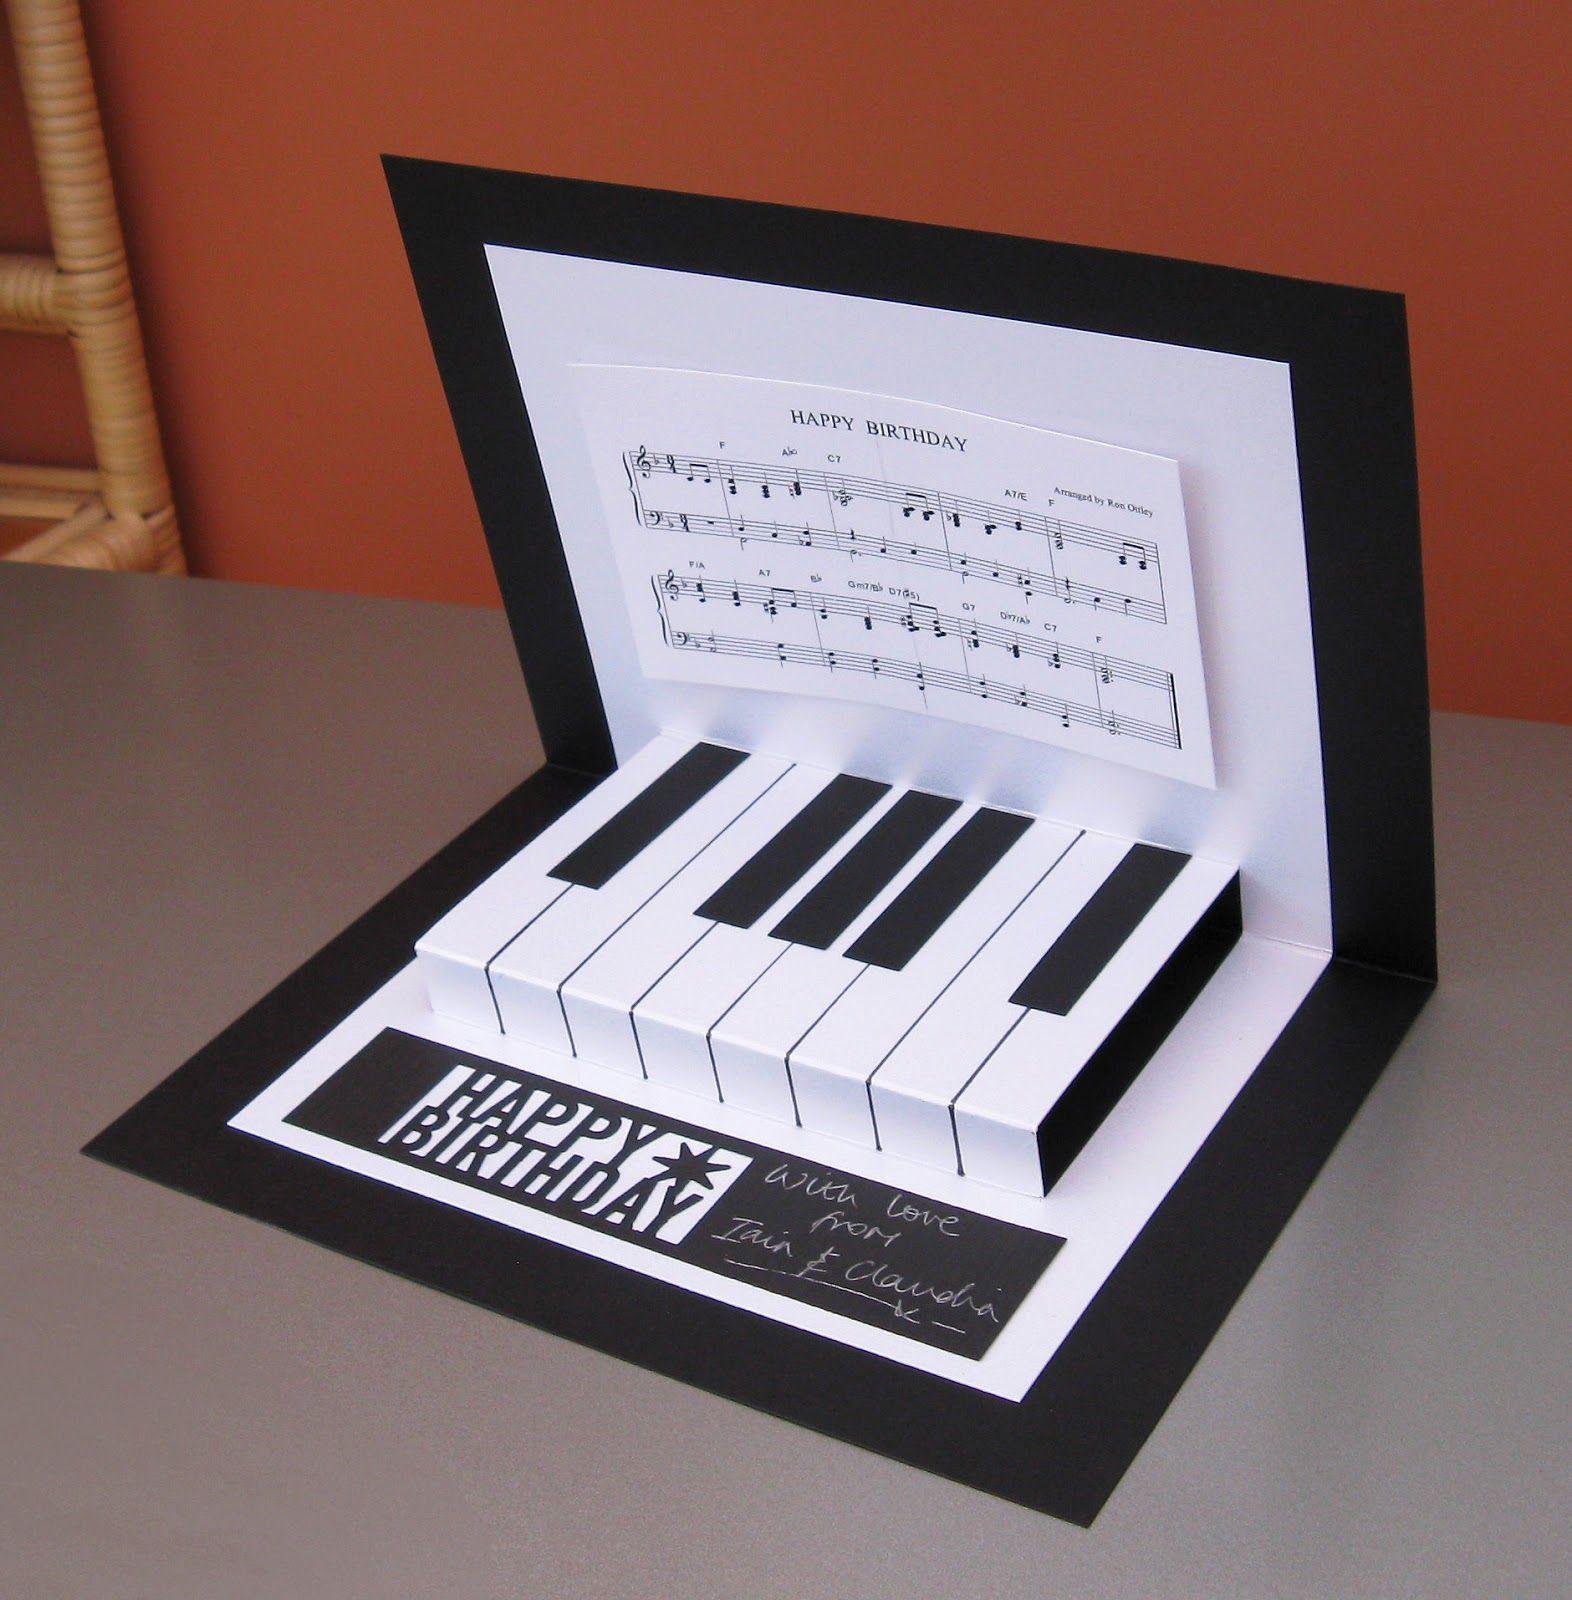 Claudia S Cards Pop Up Piano Card Tarjetas De Cumpleanos Hechas A Mano Tarjetas Artesanales Tarjetas Creativas